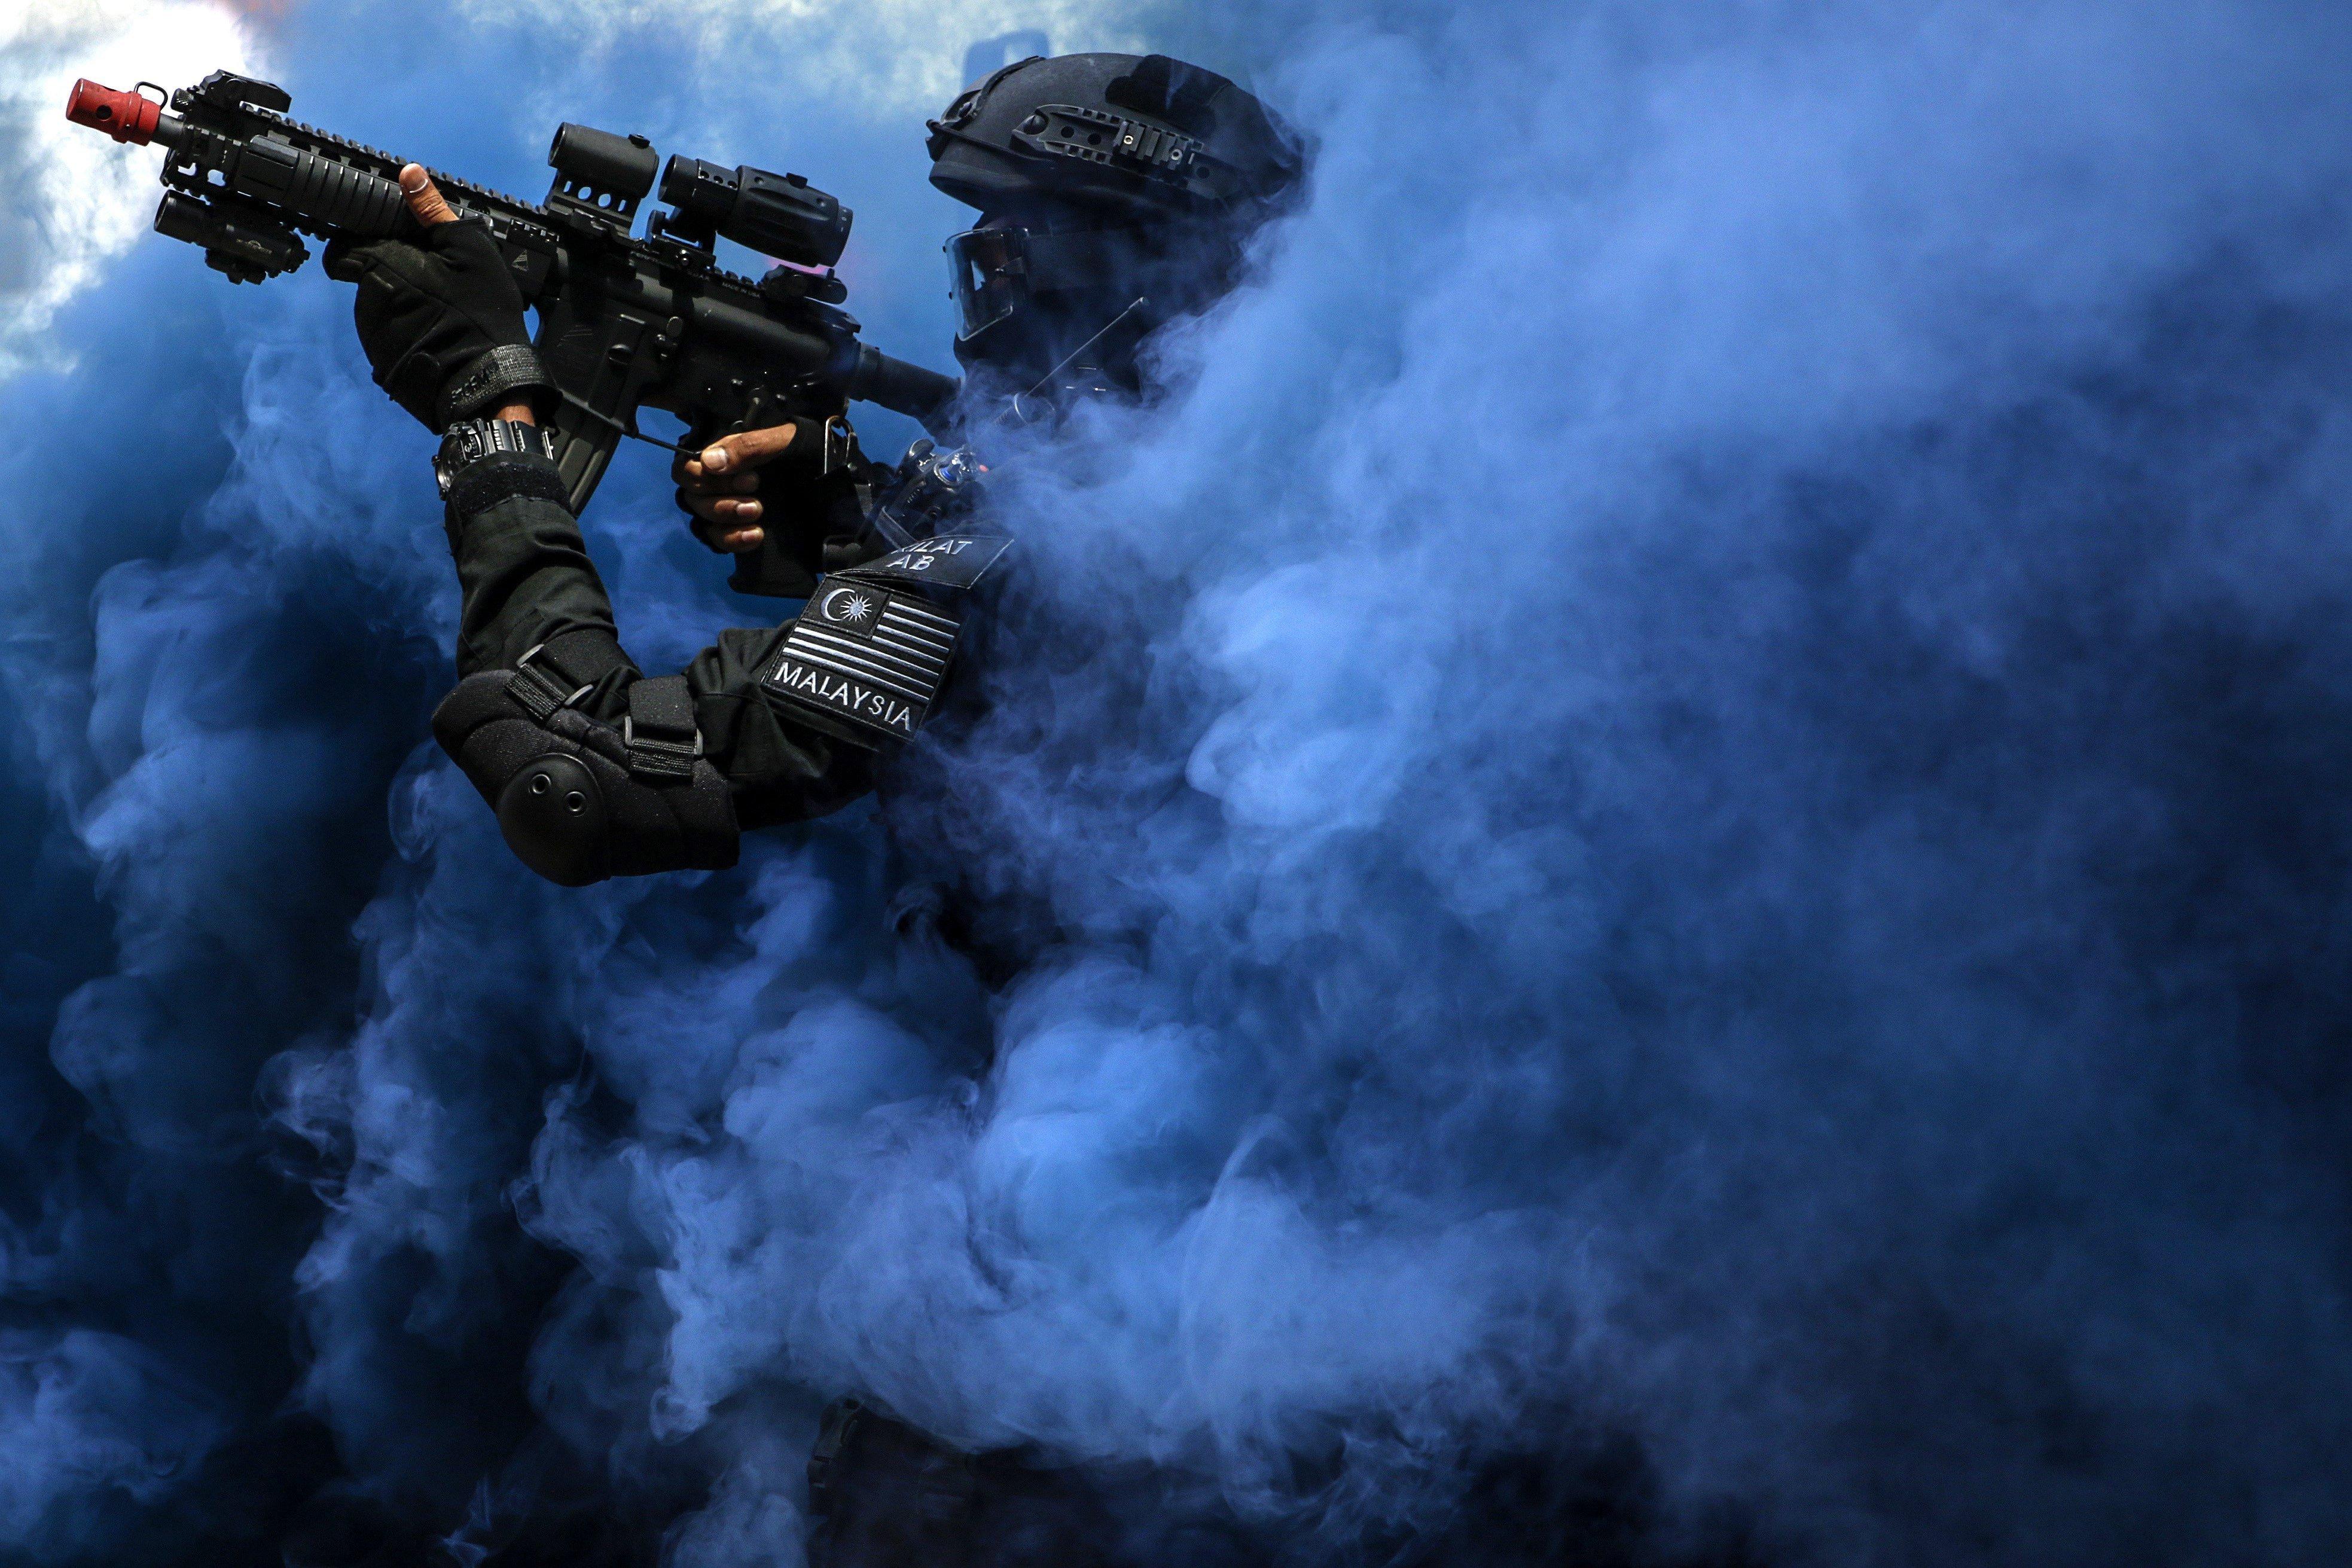 Un efectiu de la Unitat Tàctica Especial de la Policia de Malasia participa en un simulacre de rescat. /FAZRY ISMAIL